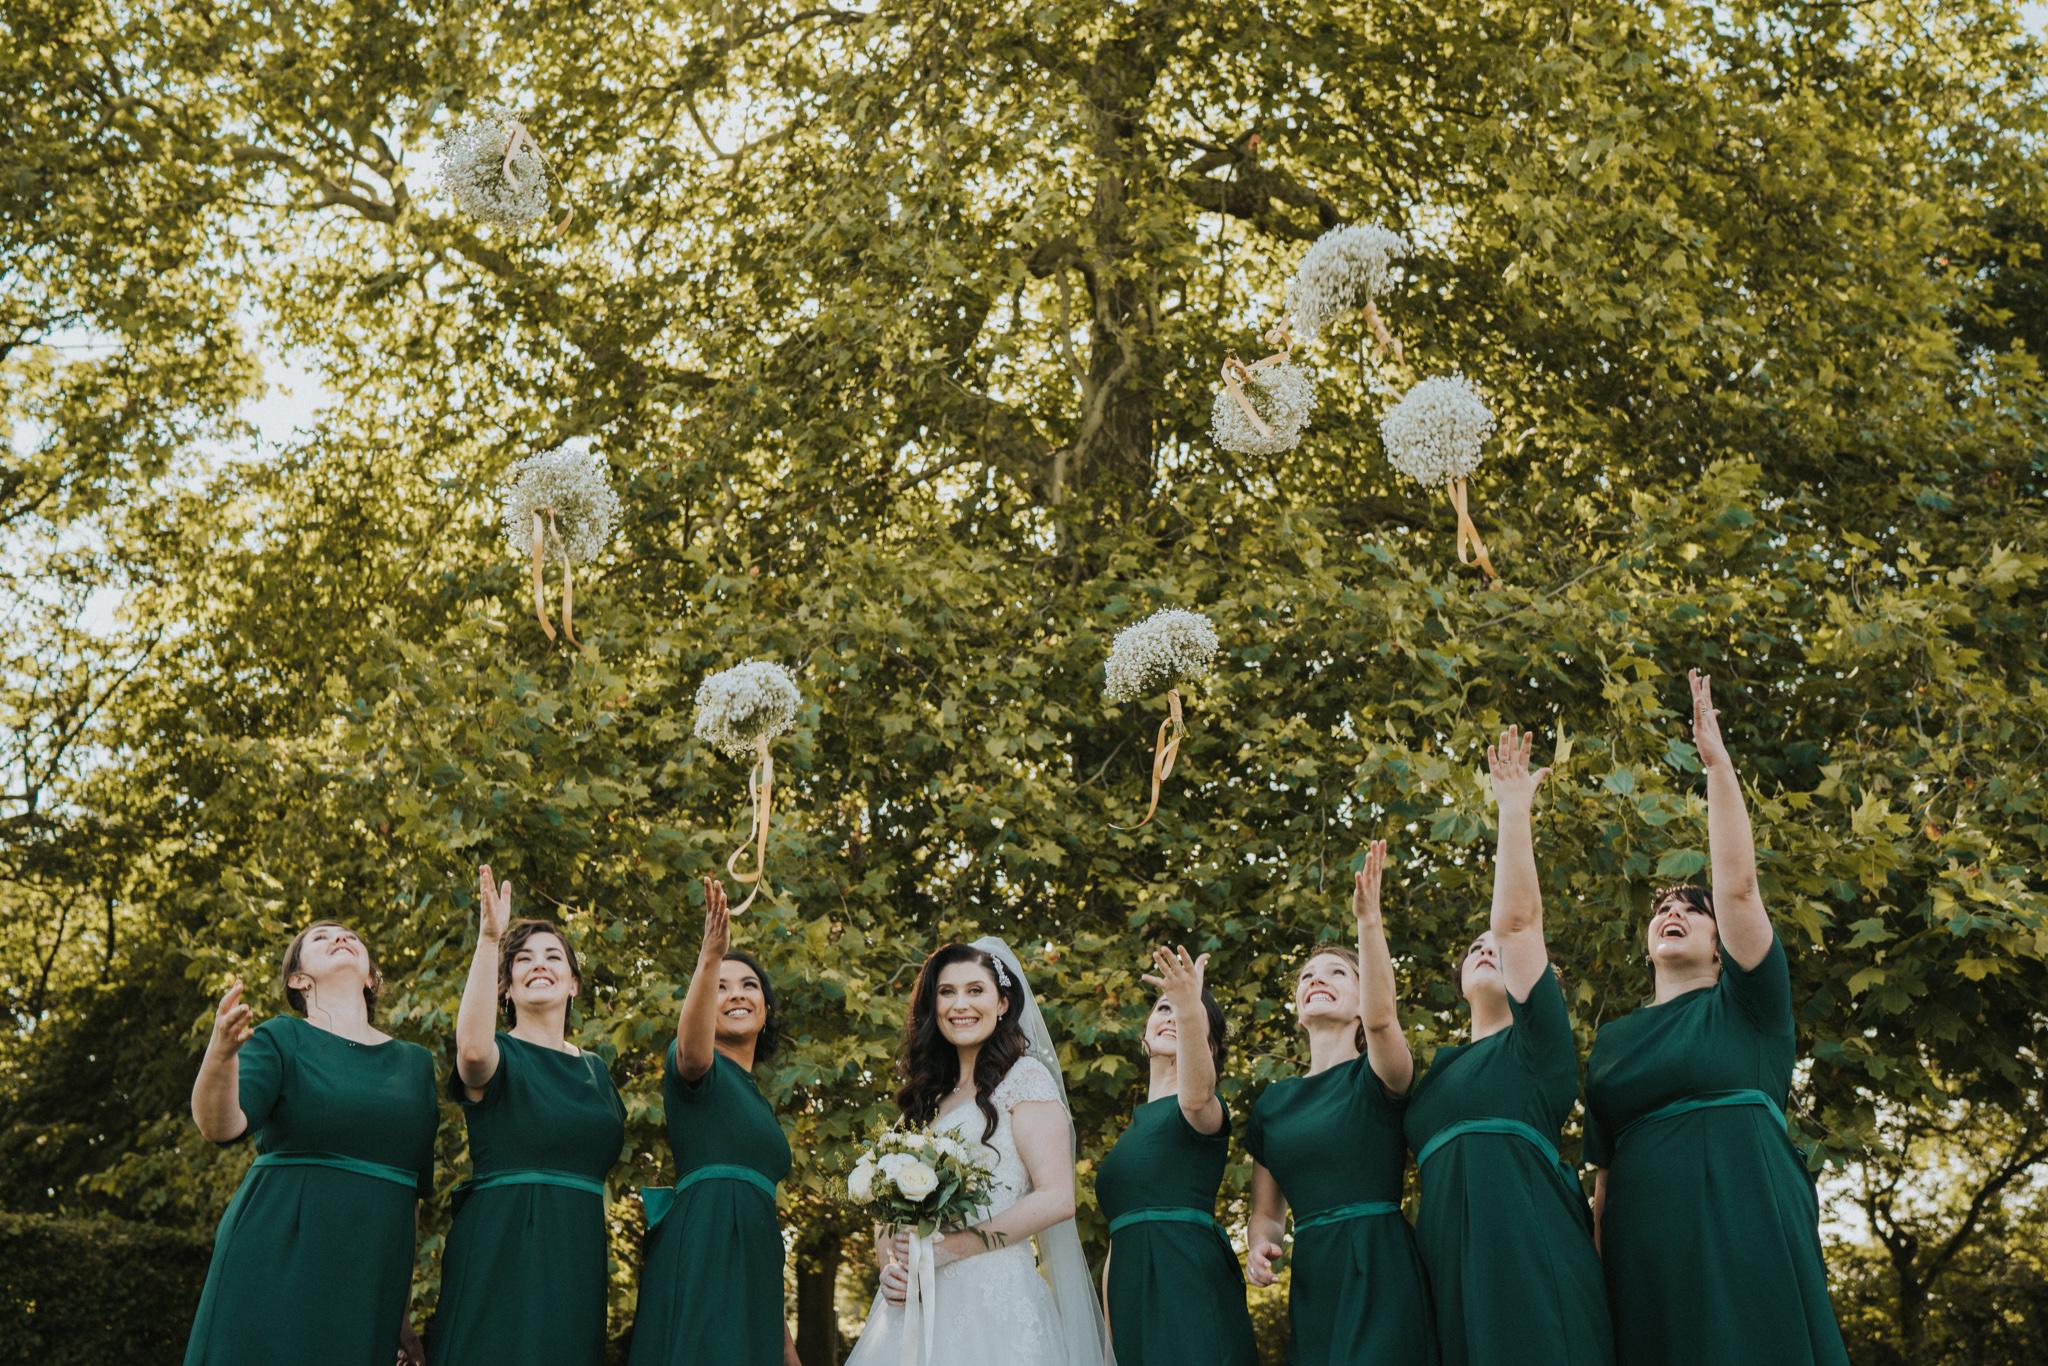 lizzie-faz-fennes-asian-fusion-wedding-grace-elizabeth-colchester-essex-alternative-wedding-lifestyle-photographer-essex-suffolk-norfolk-devon (33 of 55).jpg